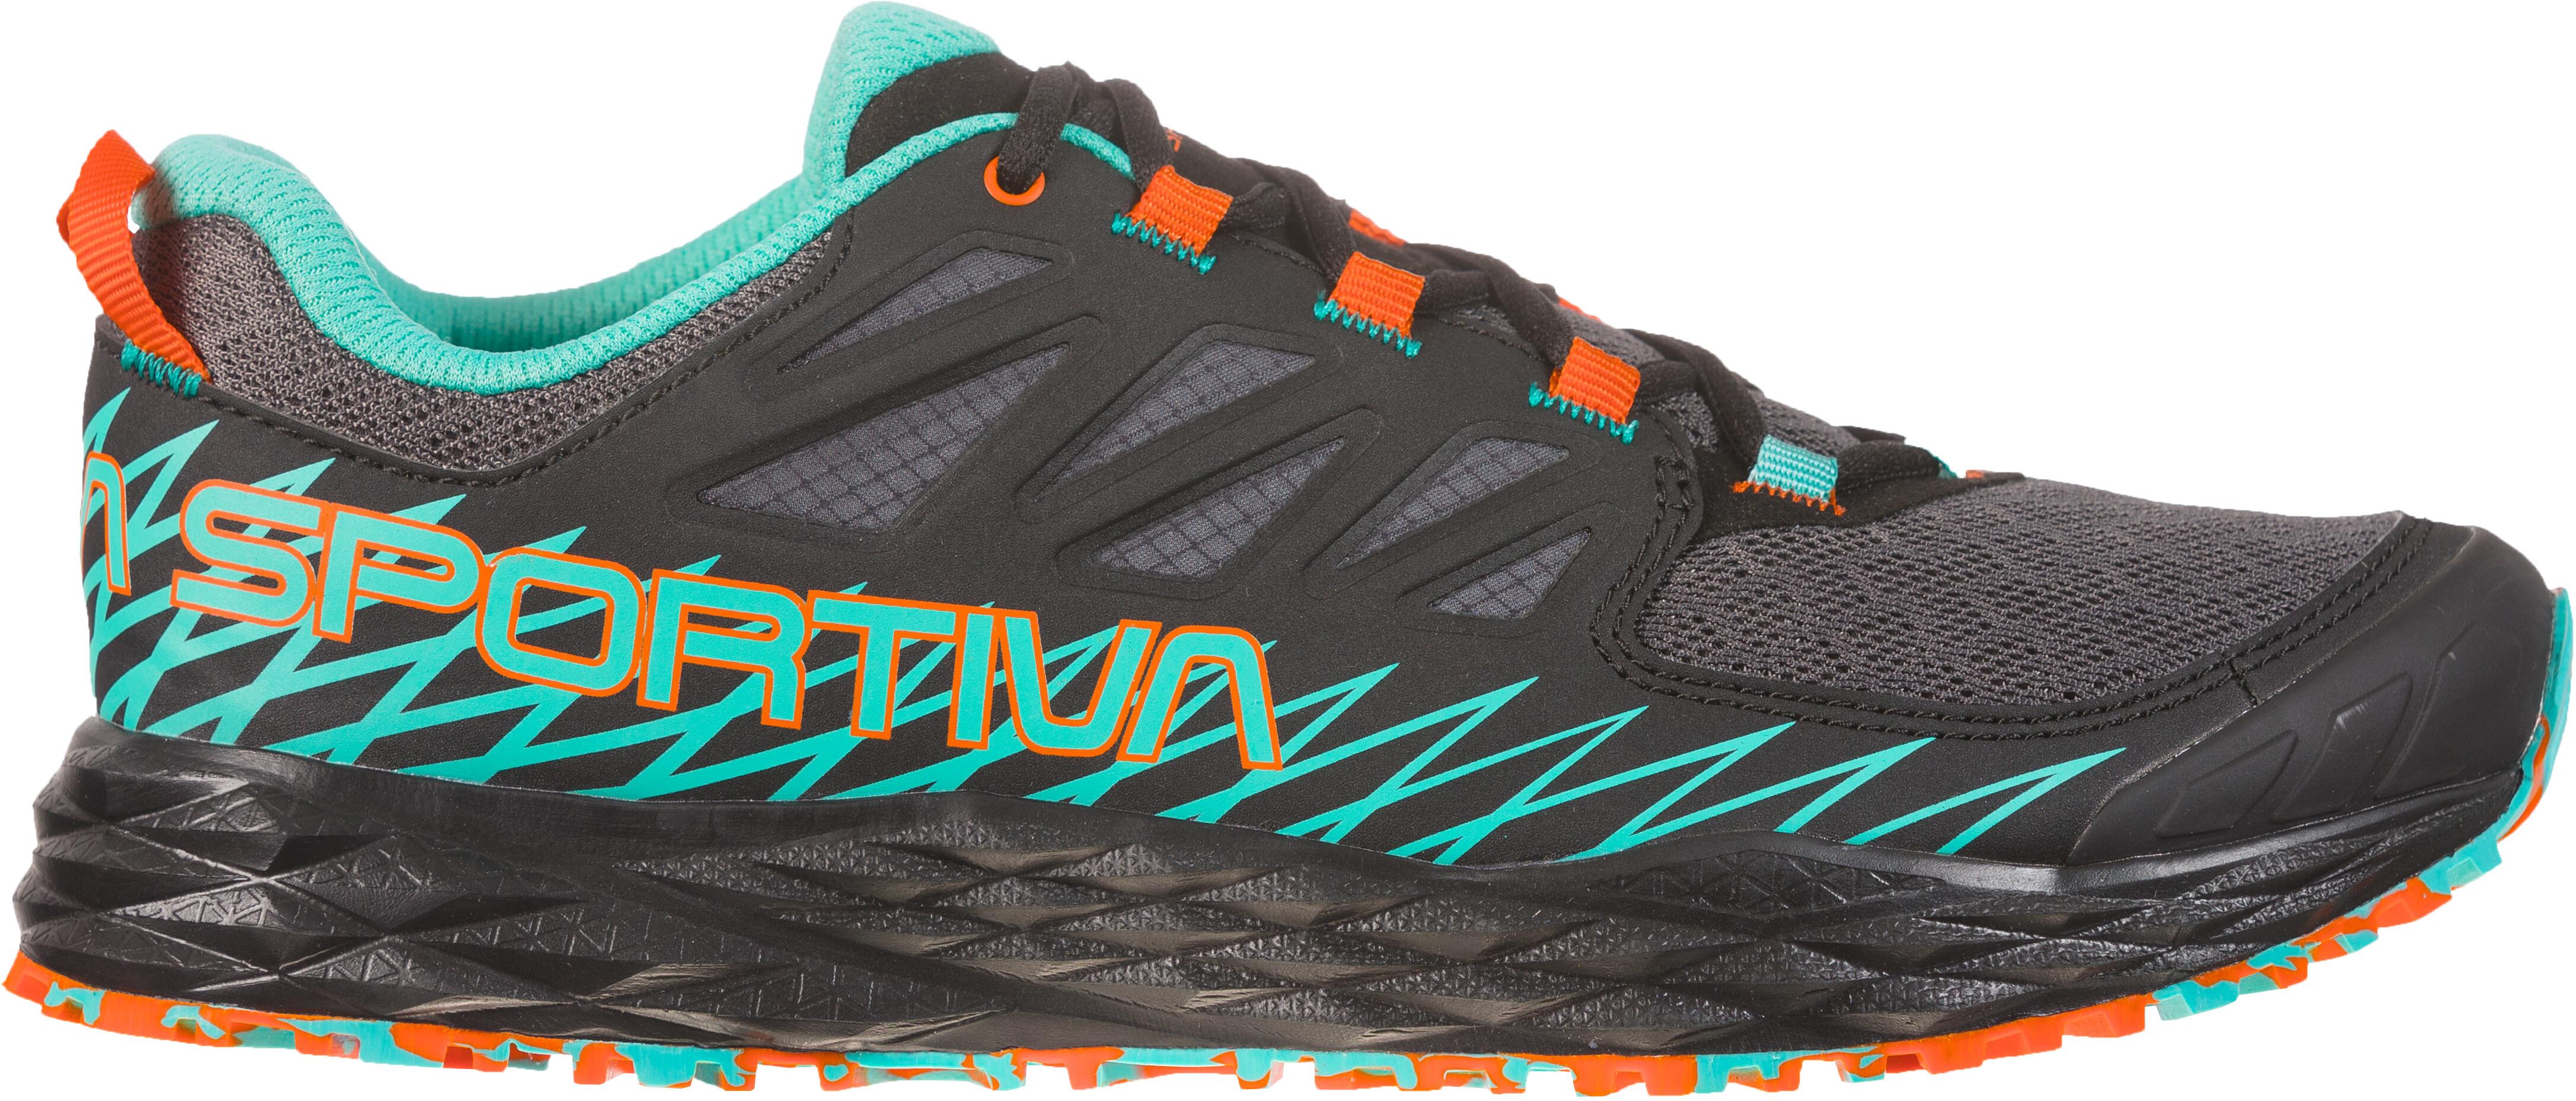 f71b90ee95cf0 La Sportiva Lycan - Zapatillas running Mujer - negro